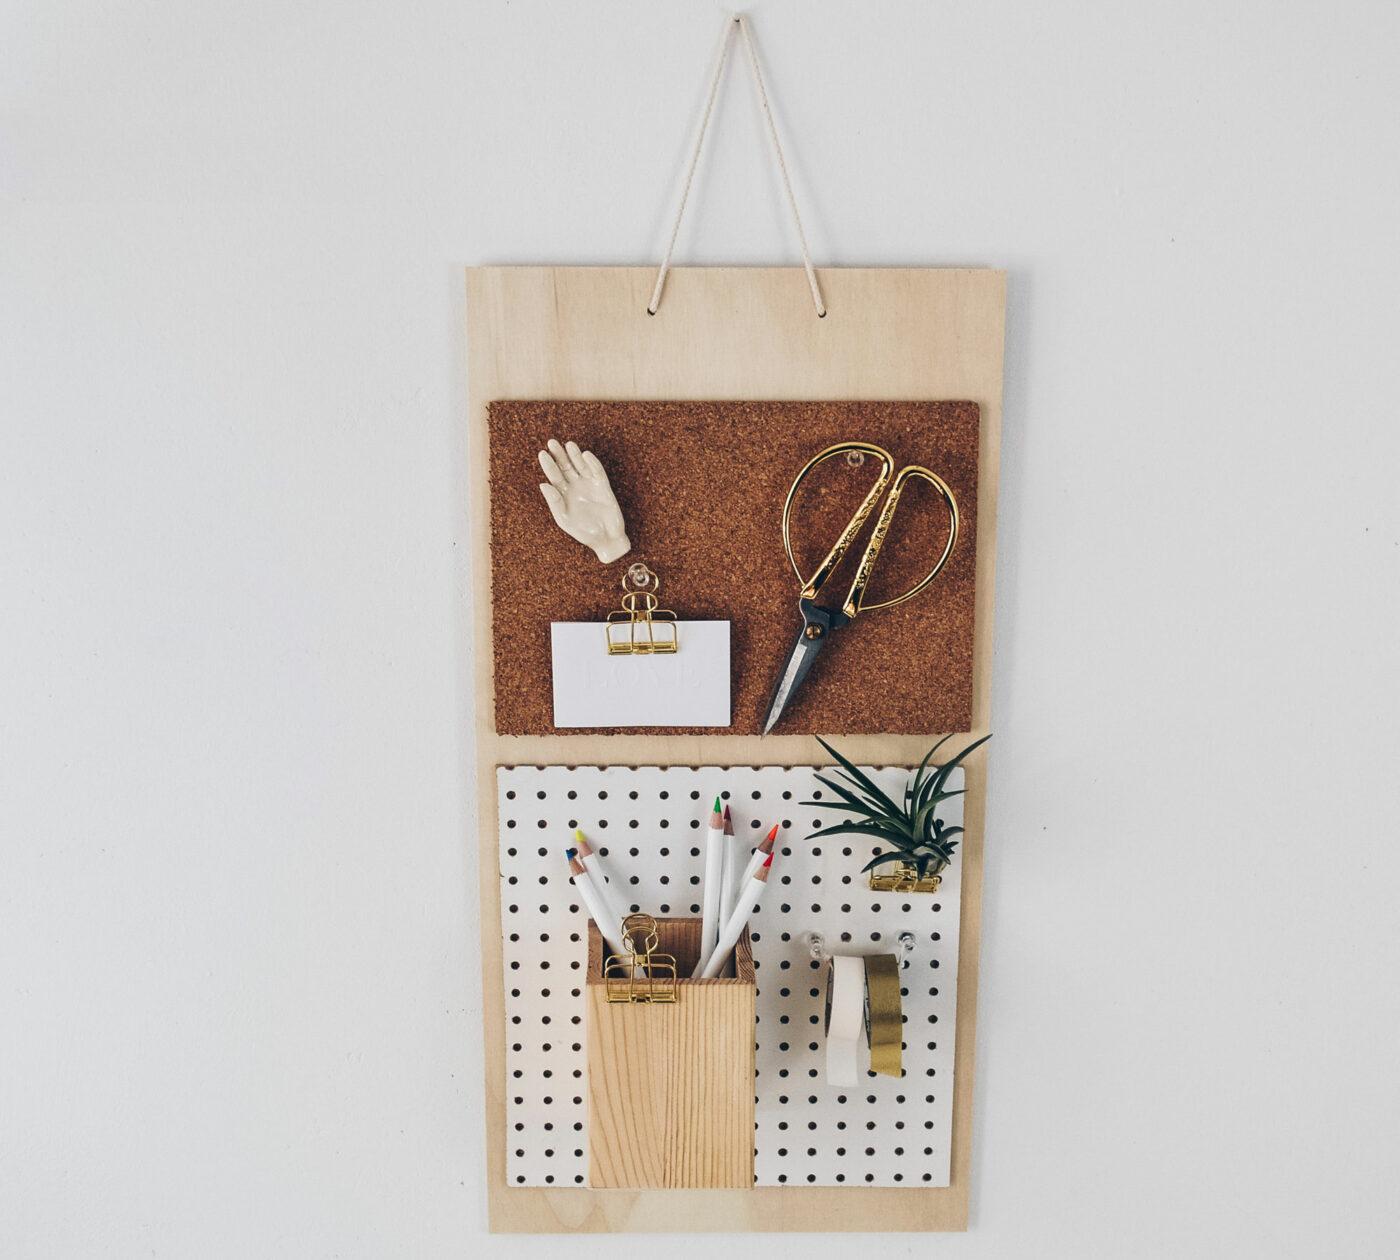 DIY-Wandorganizer: Bauanleitung für mehr Ordnung auf dem Schreibtisch